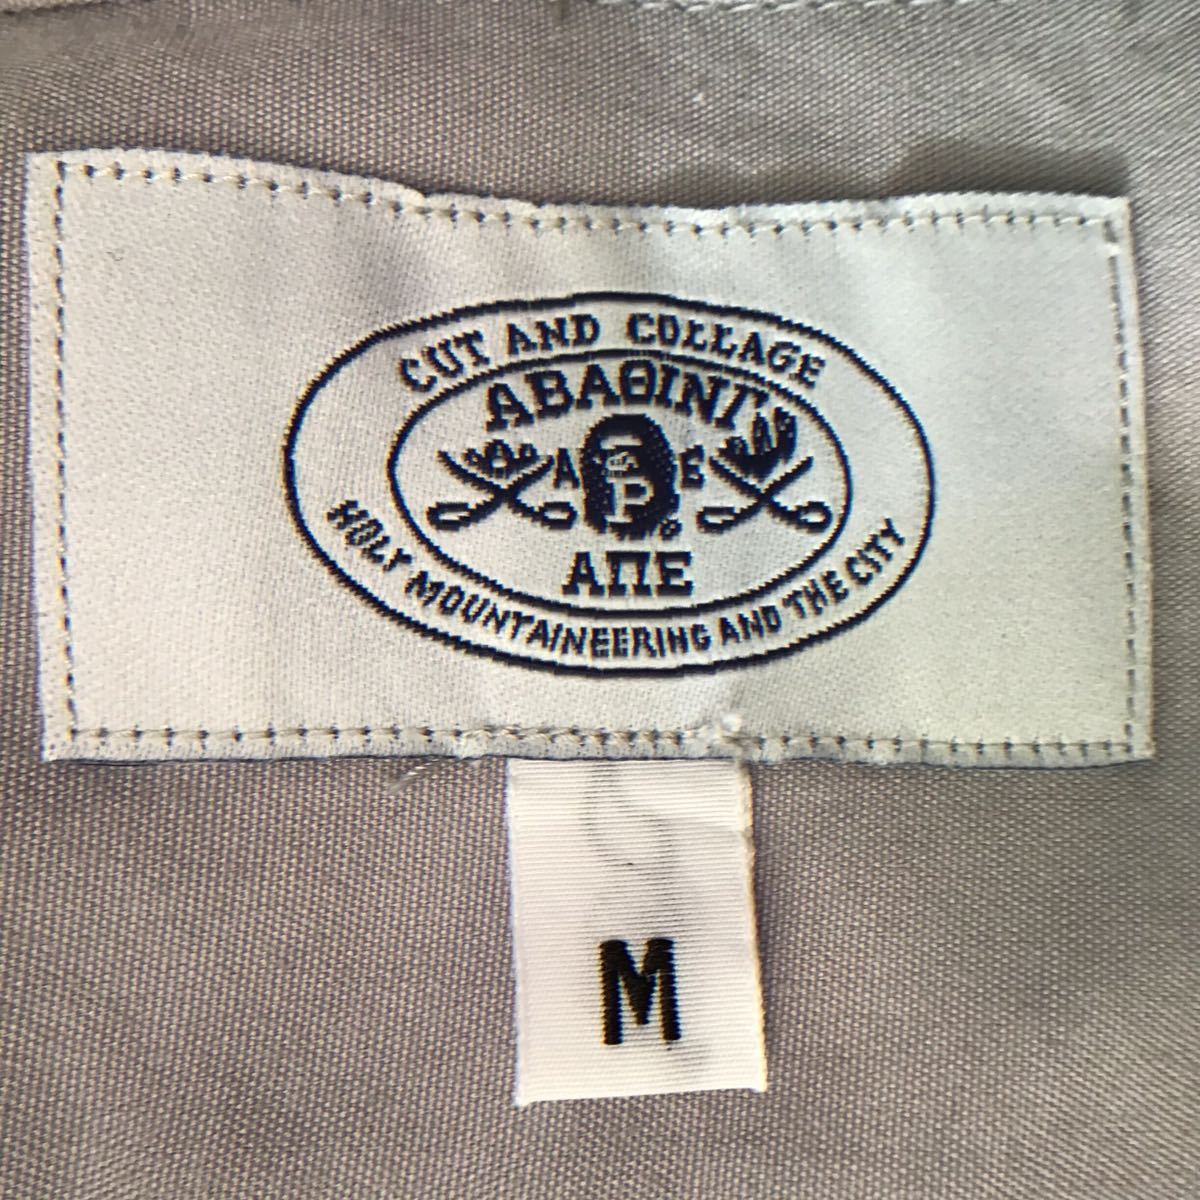 1st camo グラデーション BDシャツ Mサイズ a bathing ape BAPE エイプ ベイプ アベイシングエイプ 迷彩 252